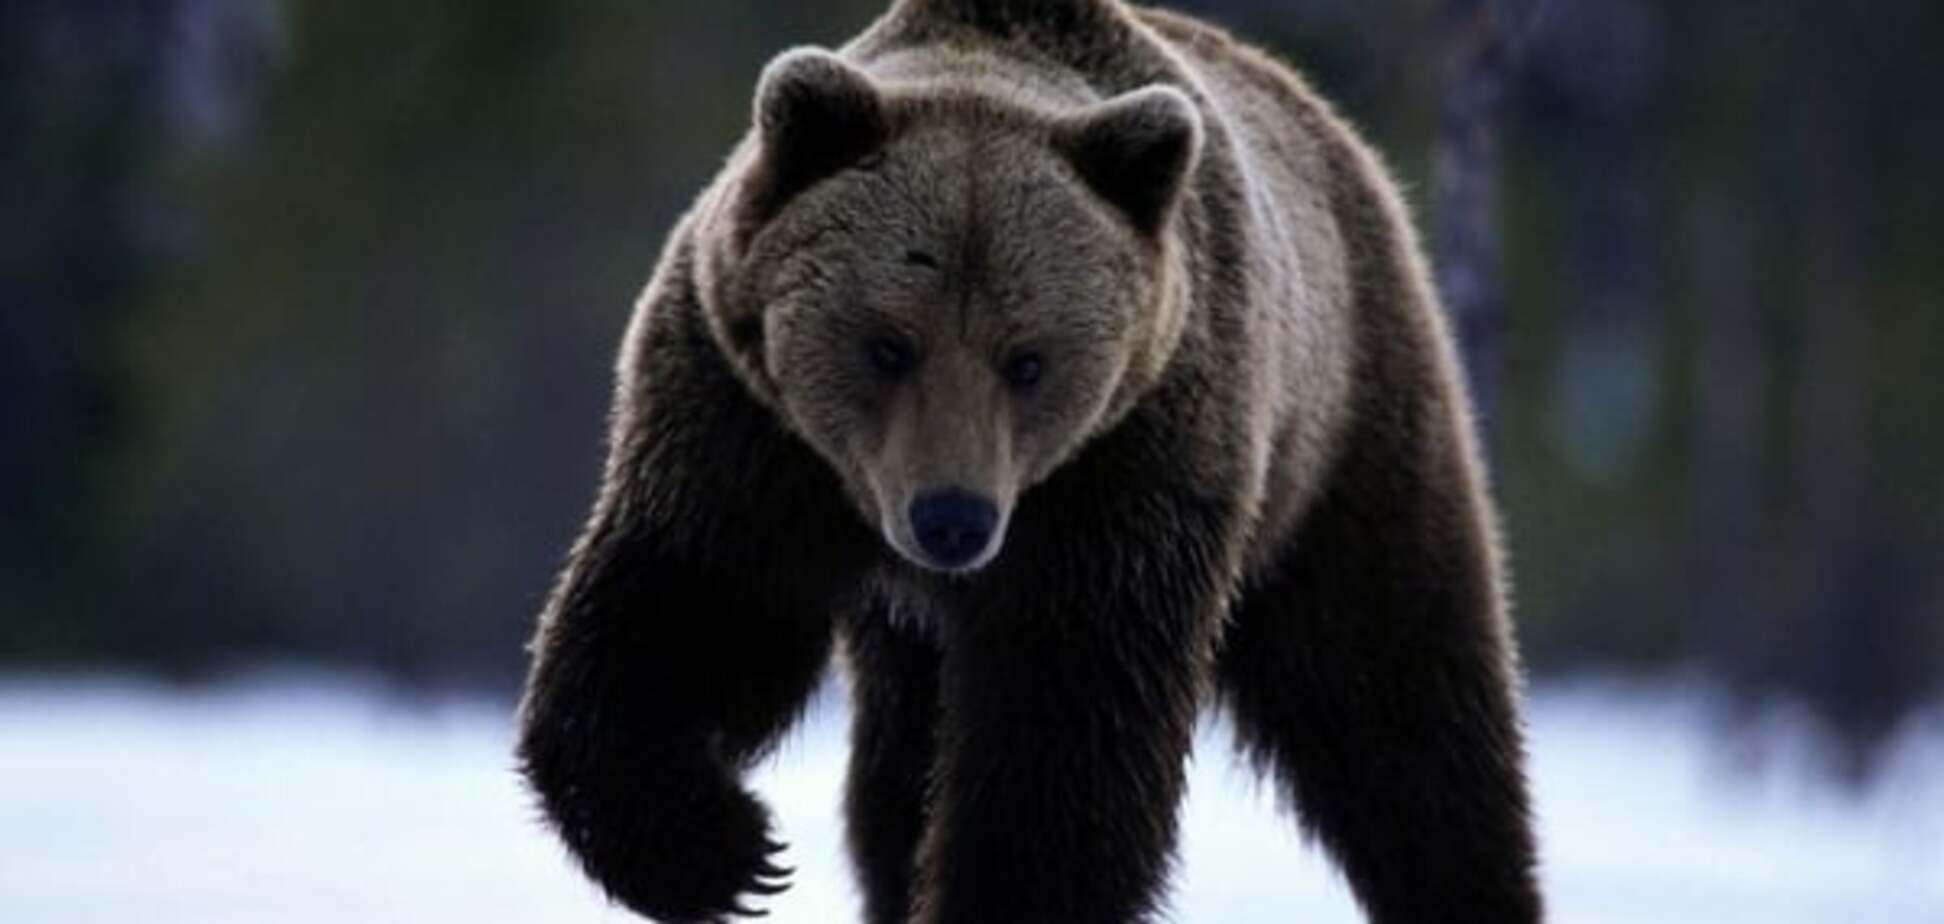 В России в детском саду убили медведя: опубликовано видео